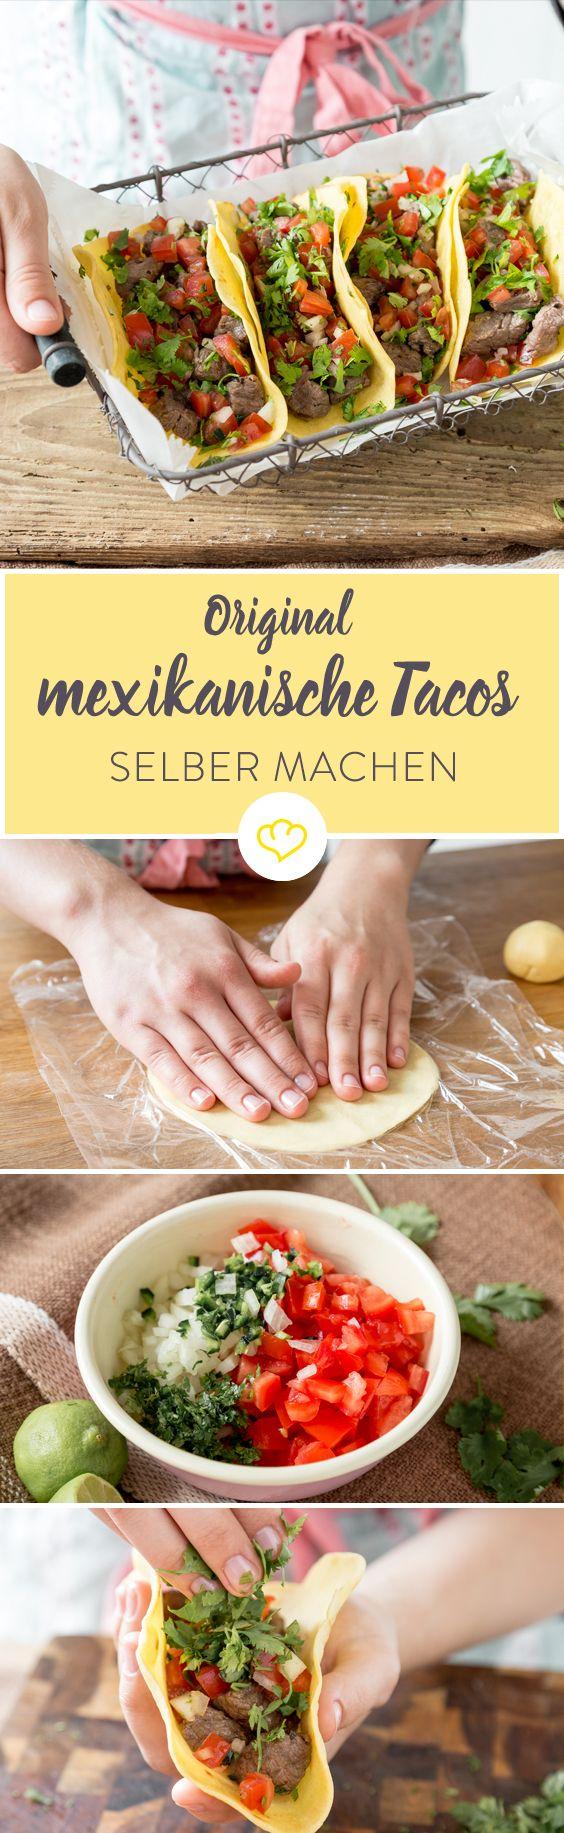 Mexikanische Tortillas - Tacos und Salsa selber machen